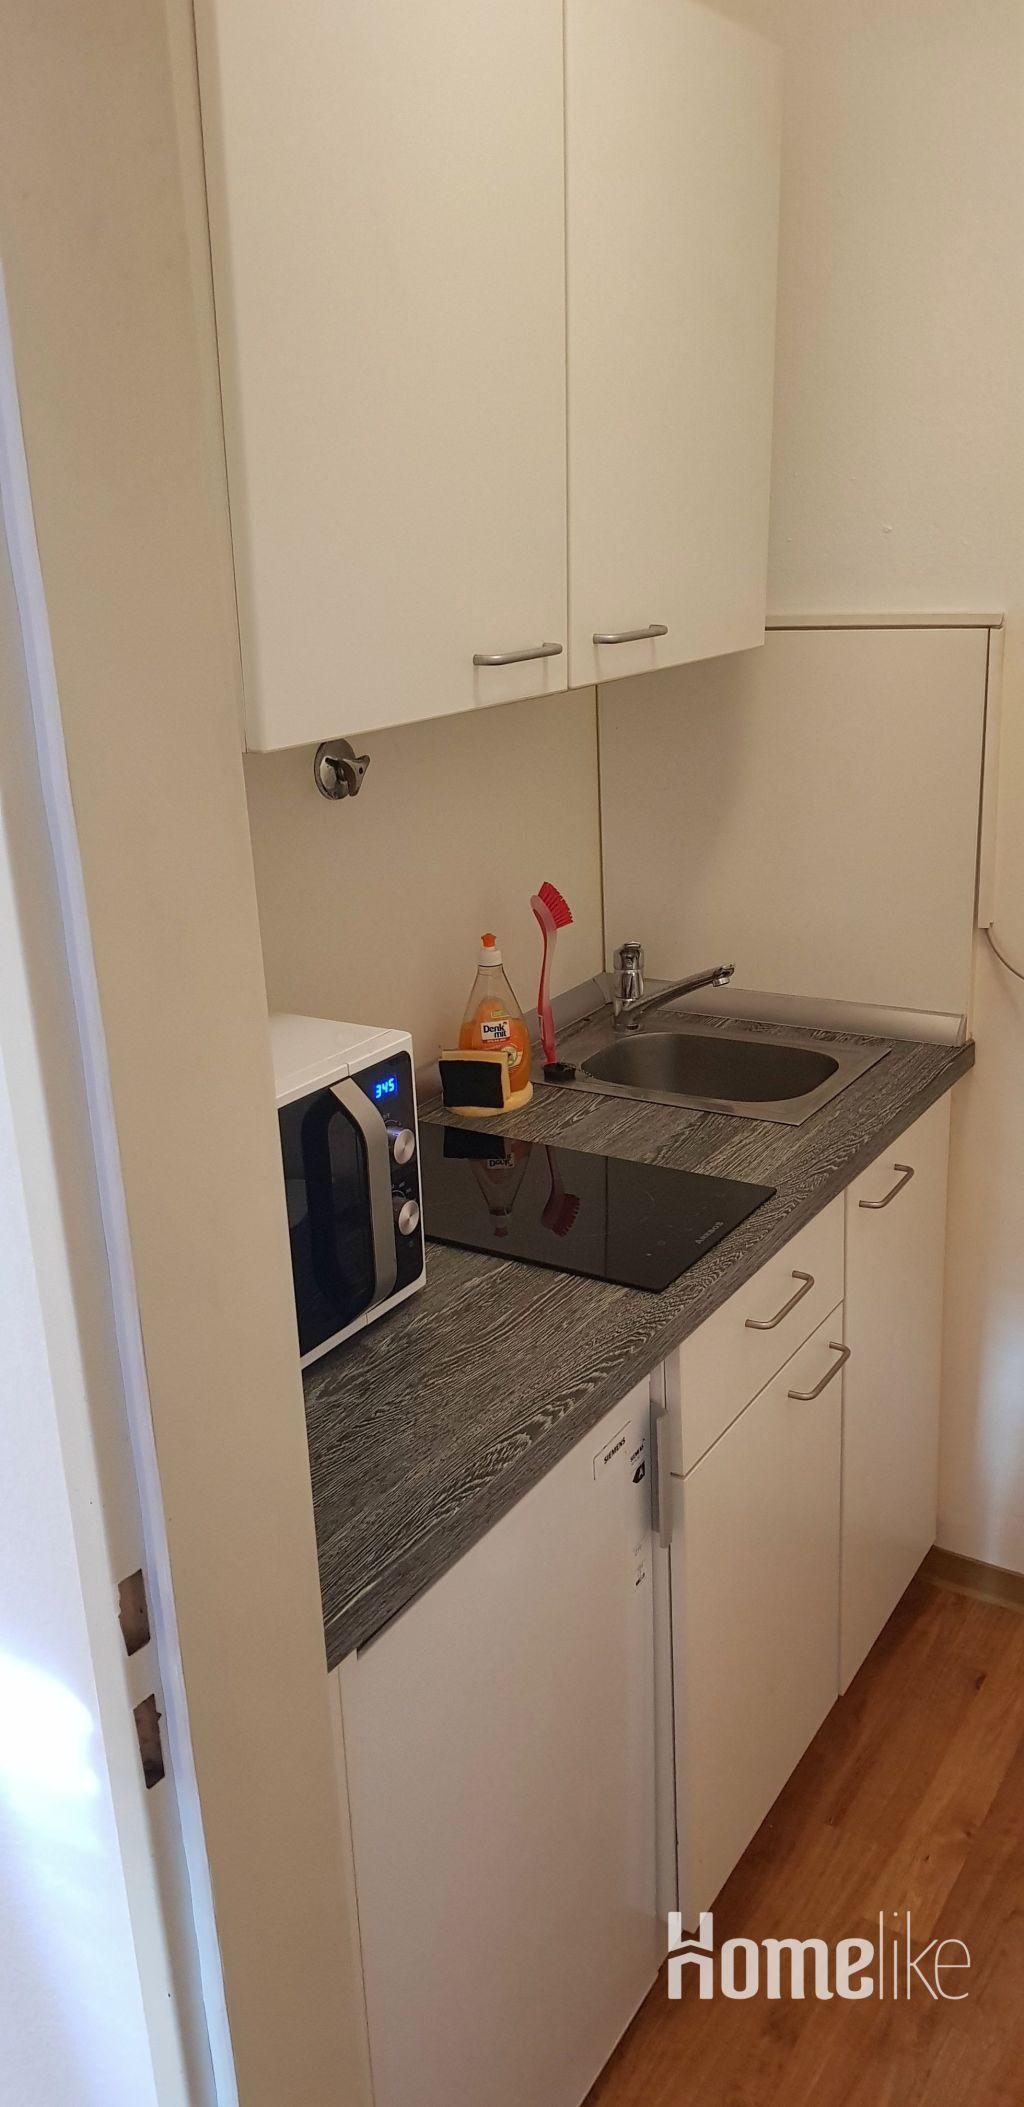 image 2 furnished 1 bedroom Apartment for rent in Rodelheim, Frankfurt